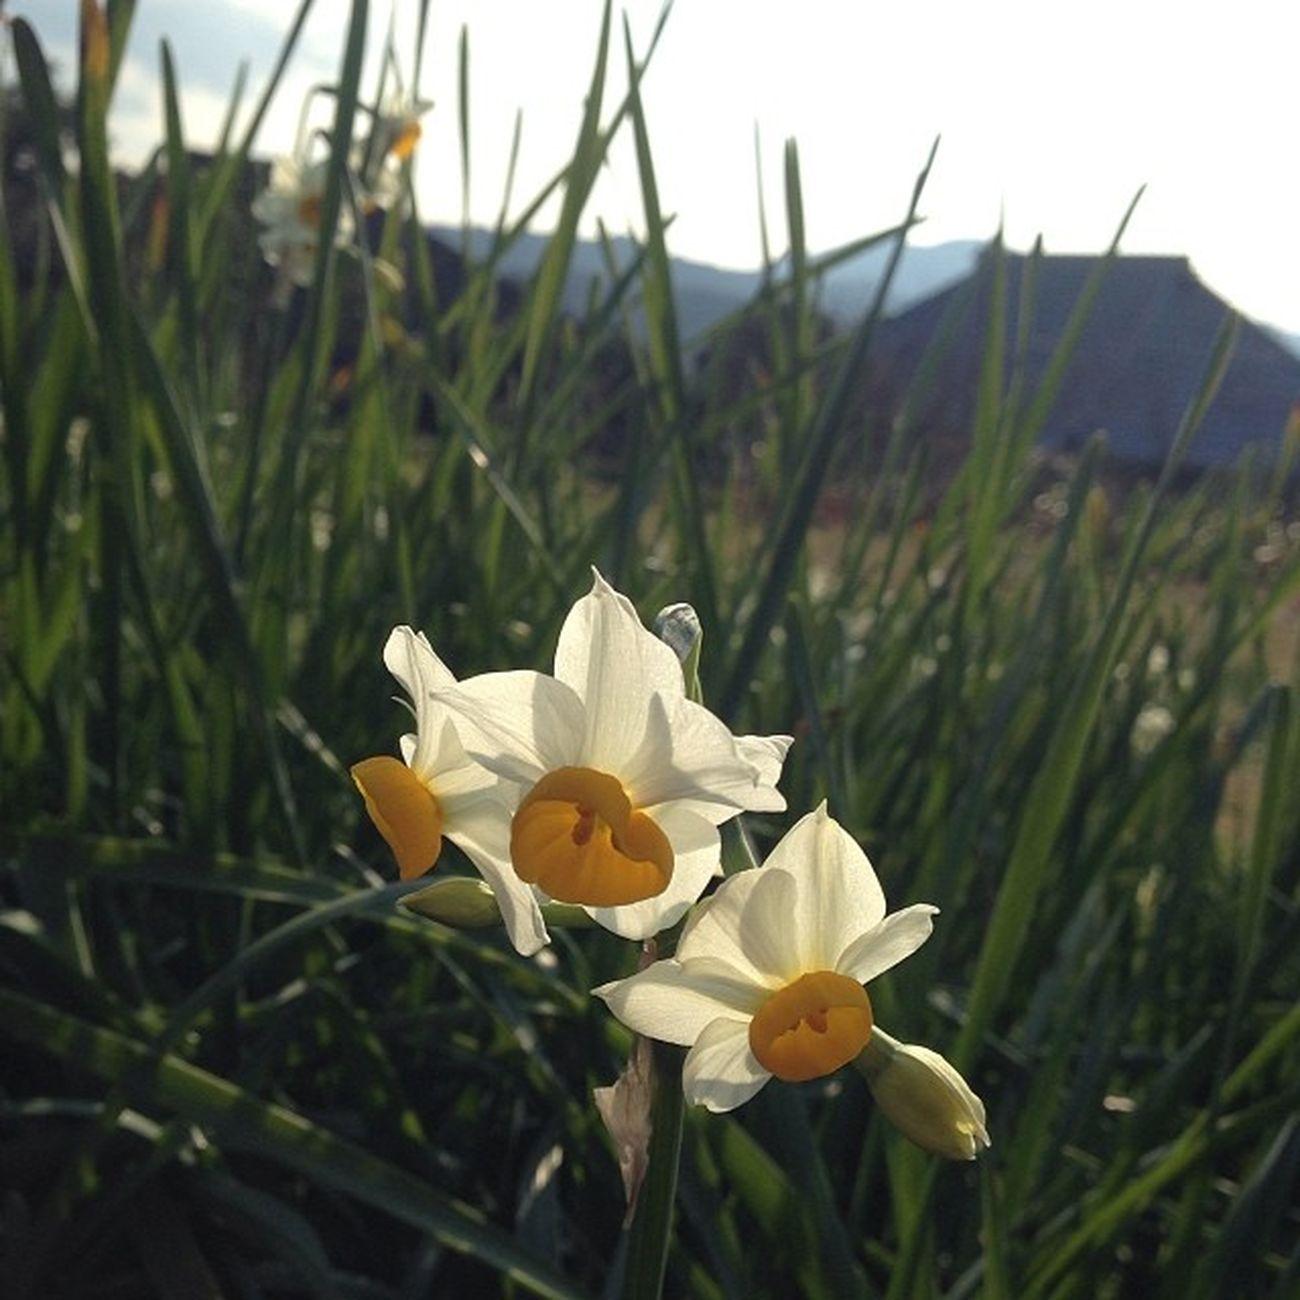 水仙の花は今が見ごろ。 小さな花は清楚だけれど、球根には猛毒。